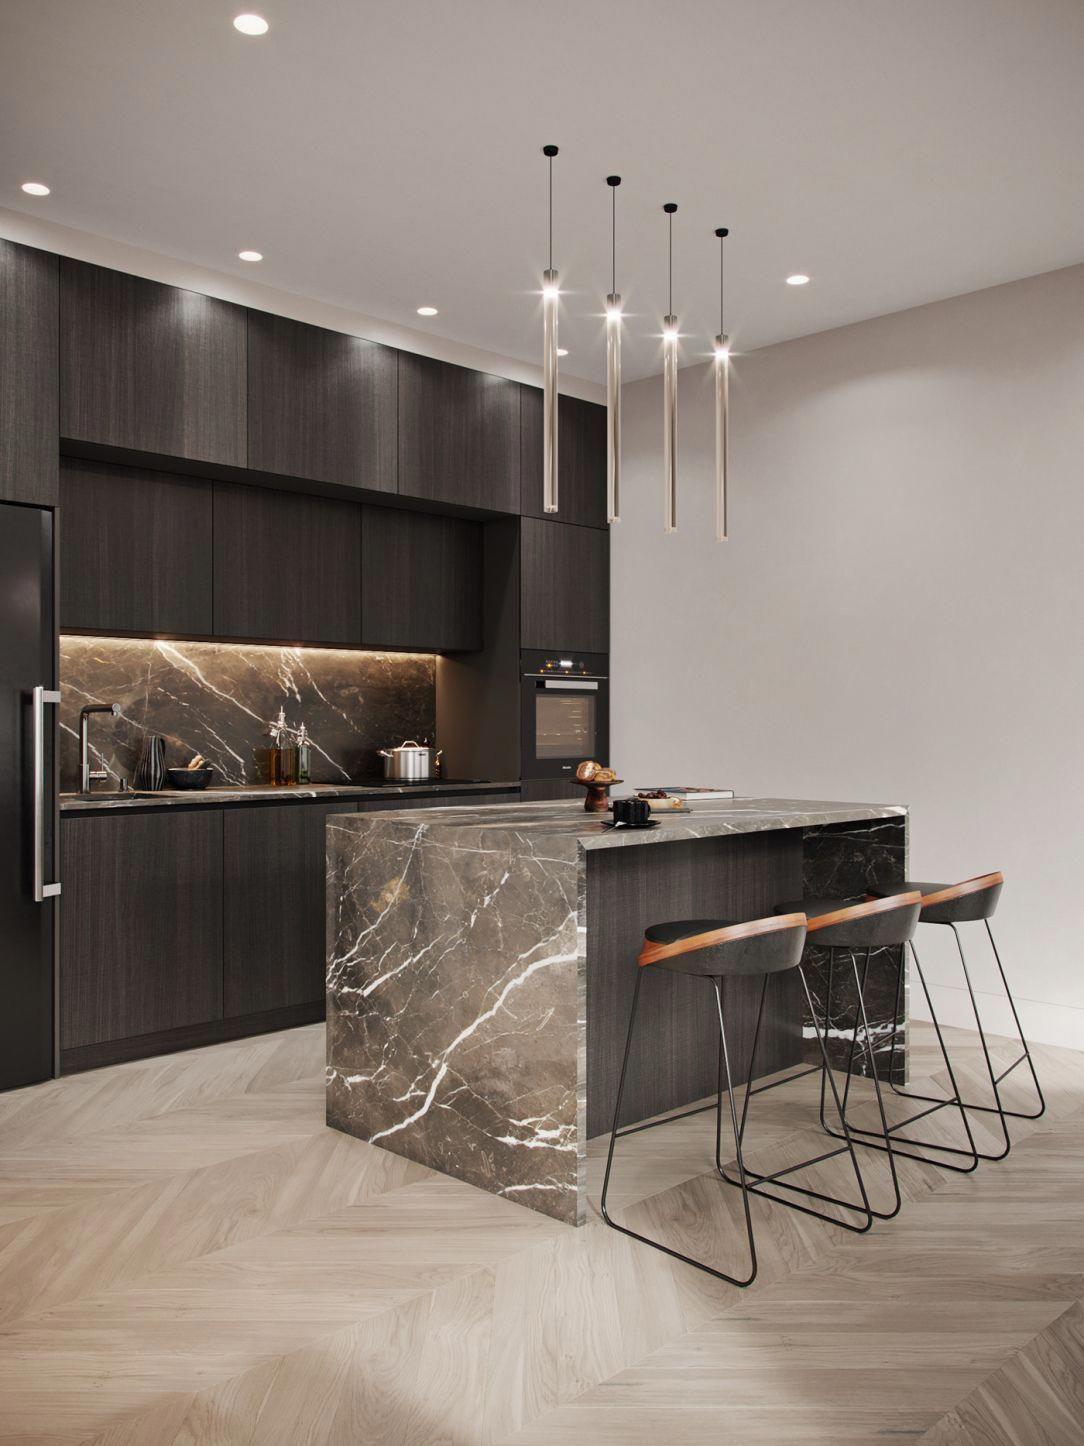 Kitchen Interior Design In Bangladesh Kitcheninteriordesign